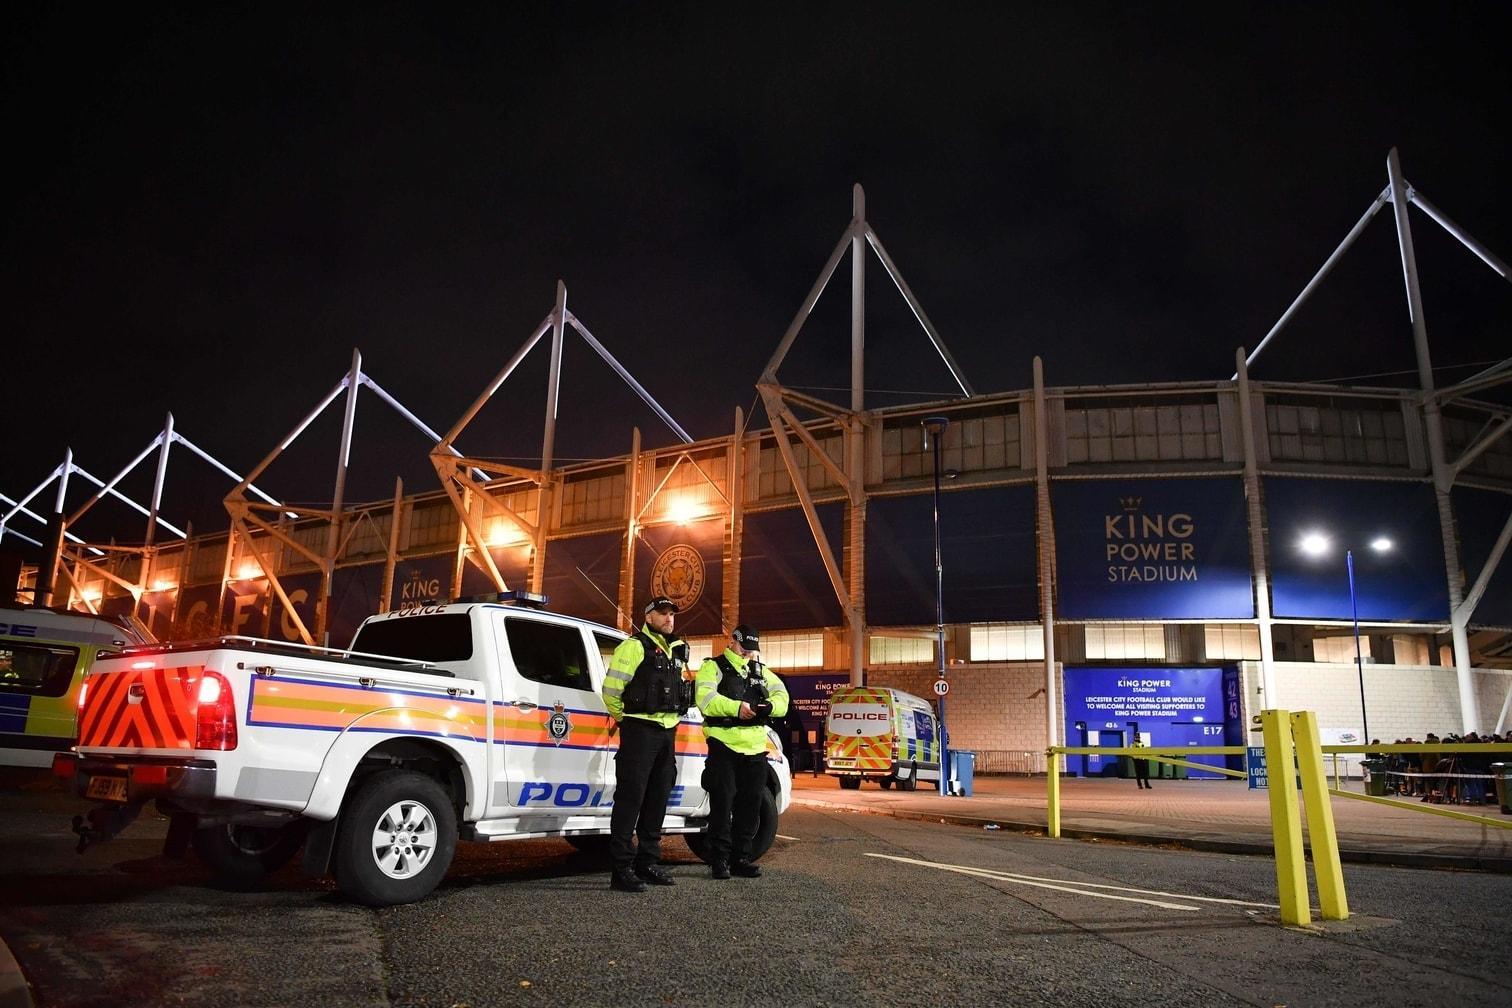 Polizei und Notdiensten bei einem &bdquo;wichtigen Zwischenfall&ldquo; beim Stadion zu helfen.</p> Foto: AFP/Ben Stansall